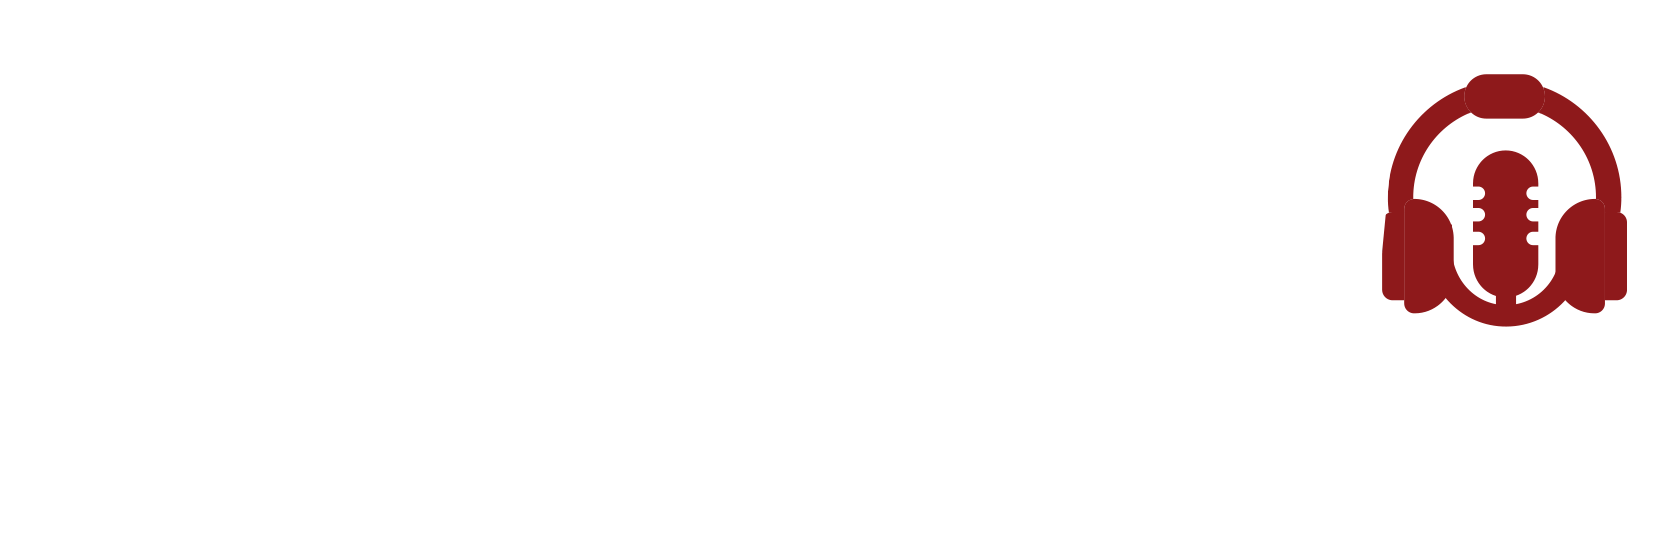 برلمان راديو